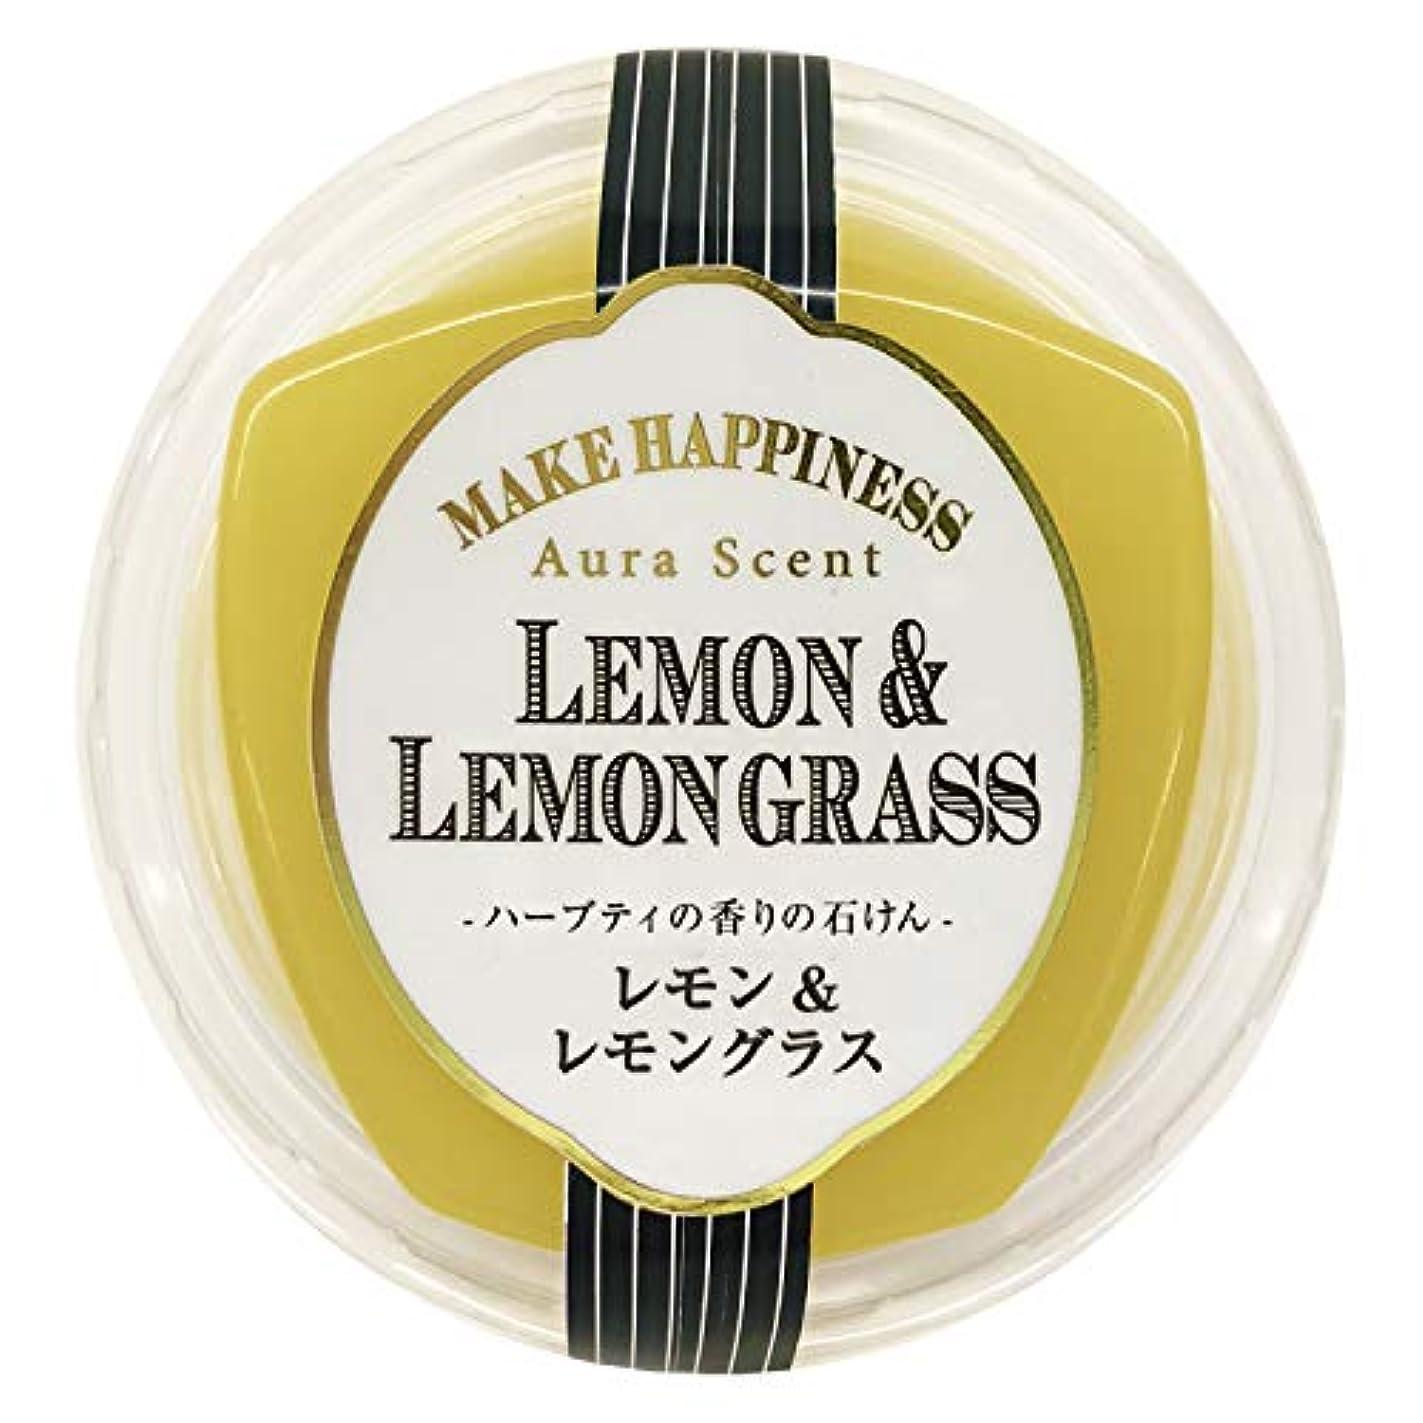 猛烈な好奇心問い合わせペリカン石鹸 オーラセント クリアソープレモン&レモングラス 75g